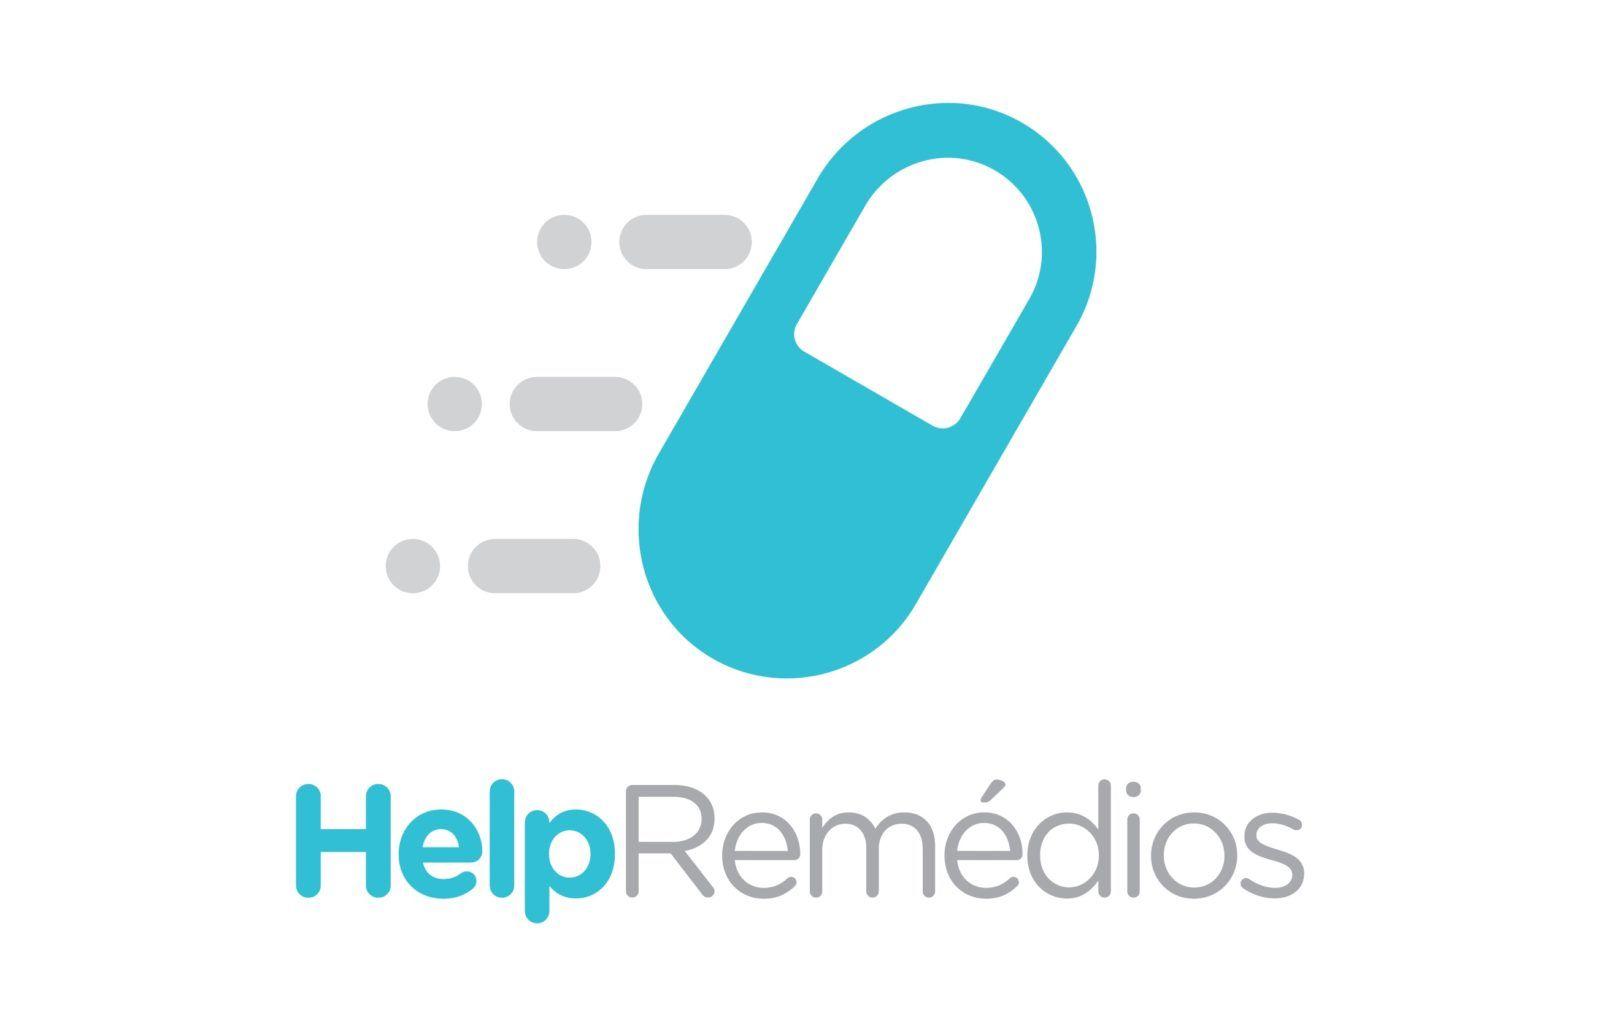 logomarca nova Help Remédios